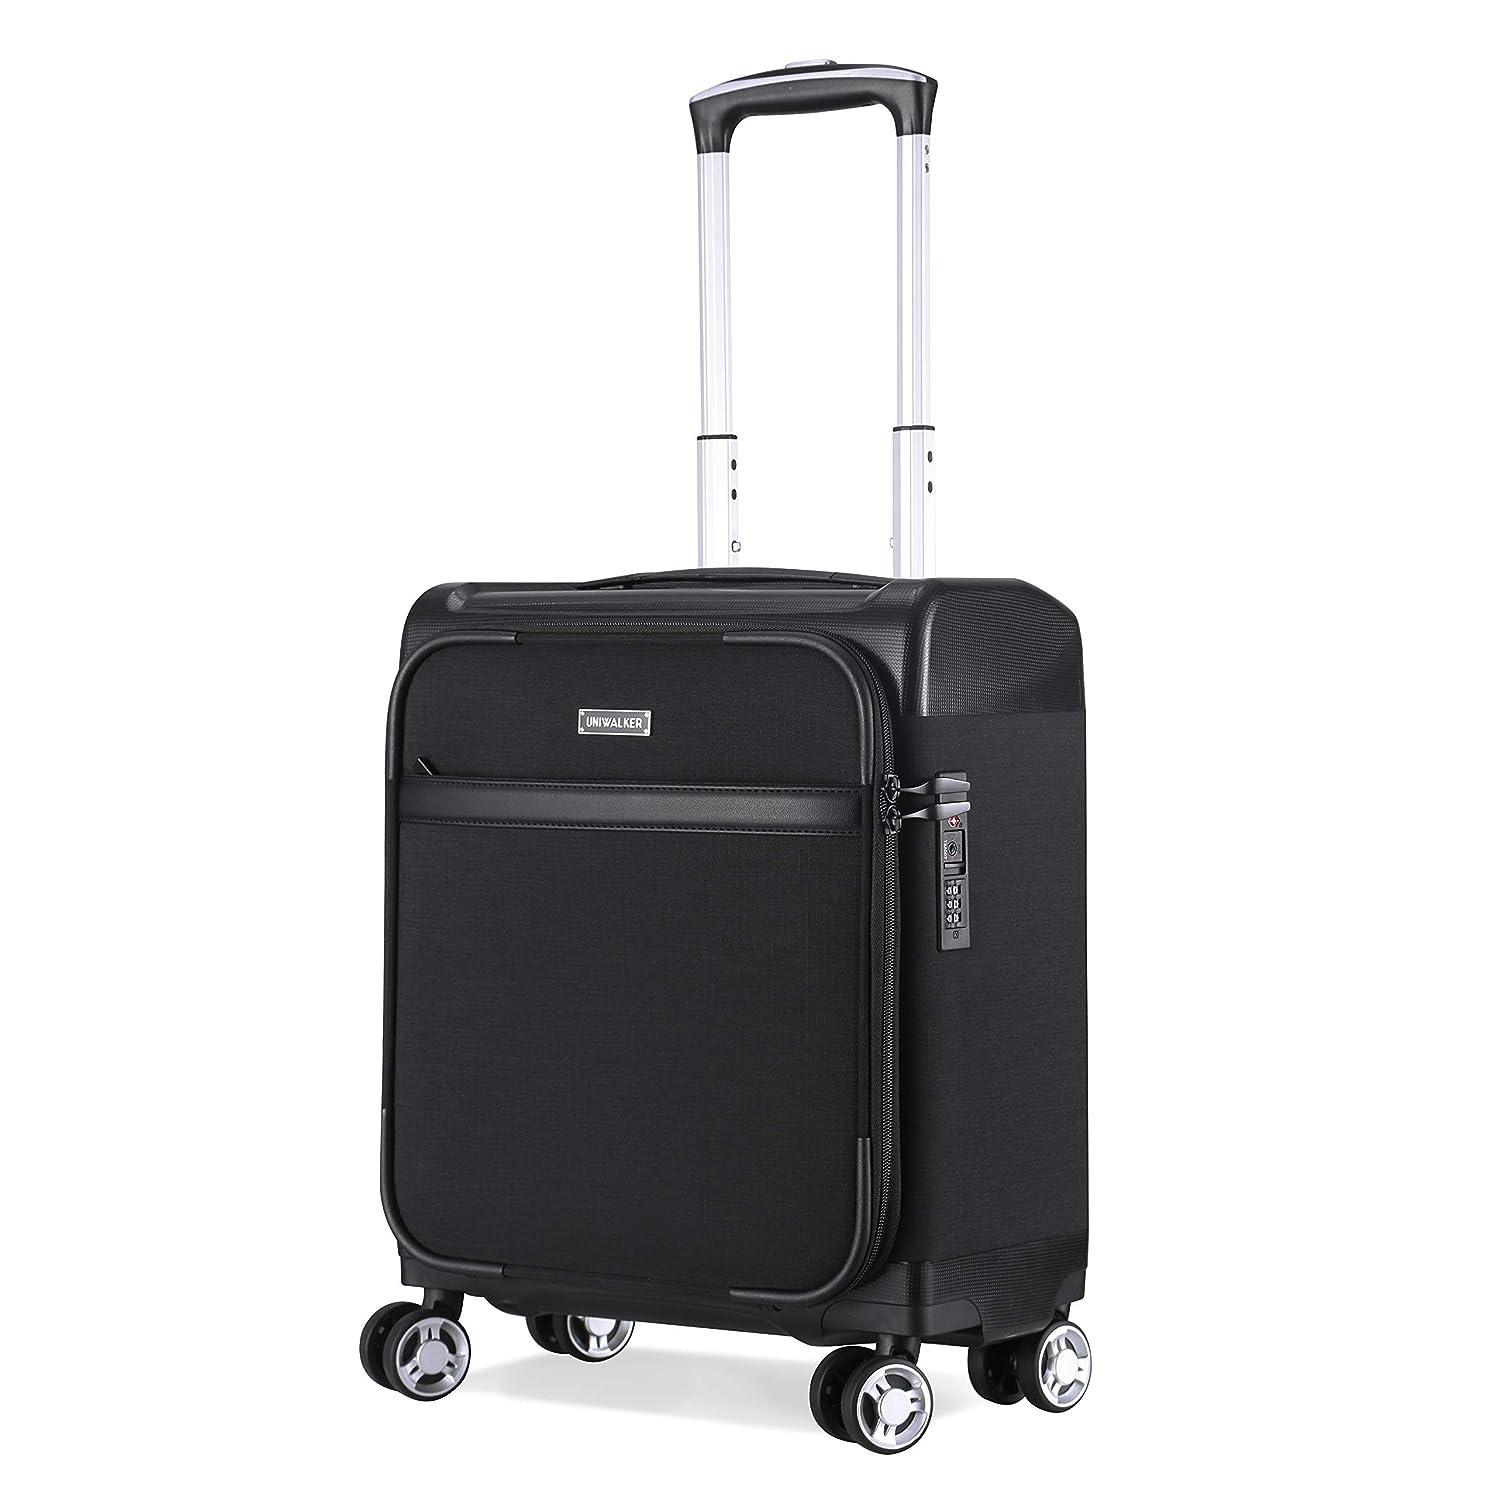 絶滅作り上げる昼寝Uniwalker 防水加工 スーツケース 機内持込 小型 超軽量 キャリーケース TSAロック トランク 静音4輪 ビジネス キャリーバッグ 機内持込可 旅行 出張